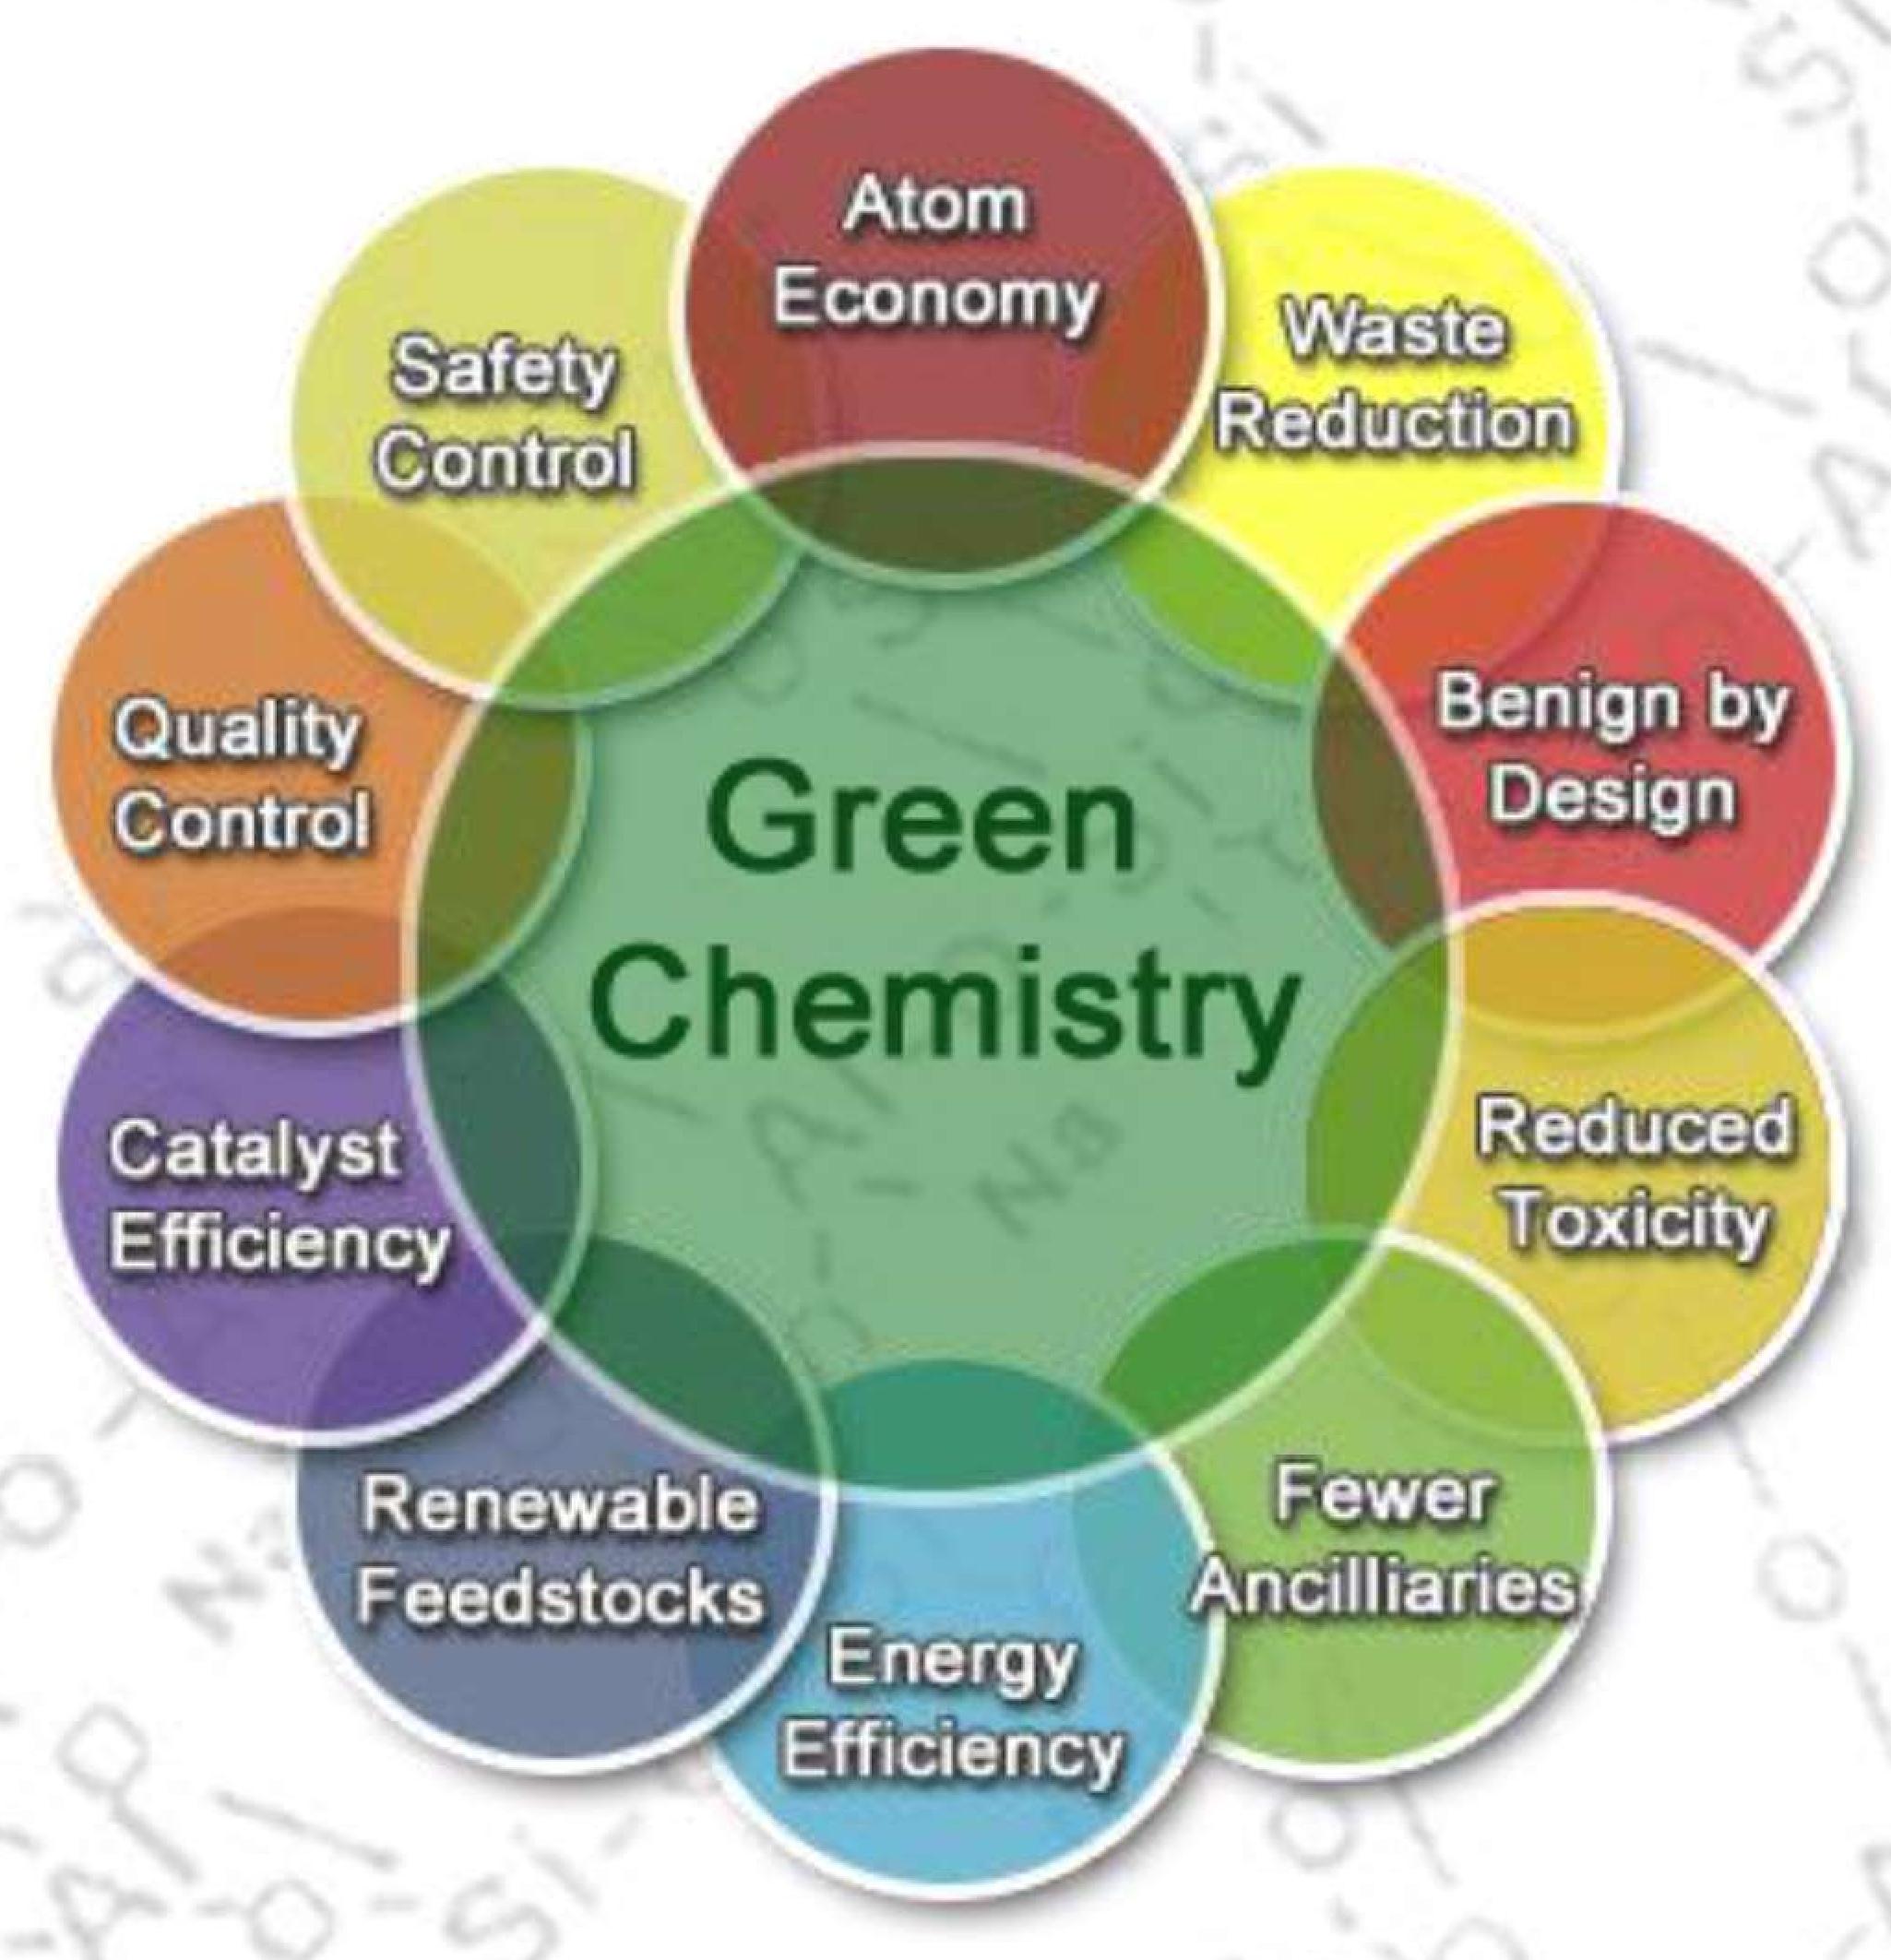 Cementos alternativos al cemento portland: Quimica verde